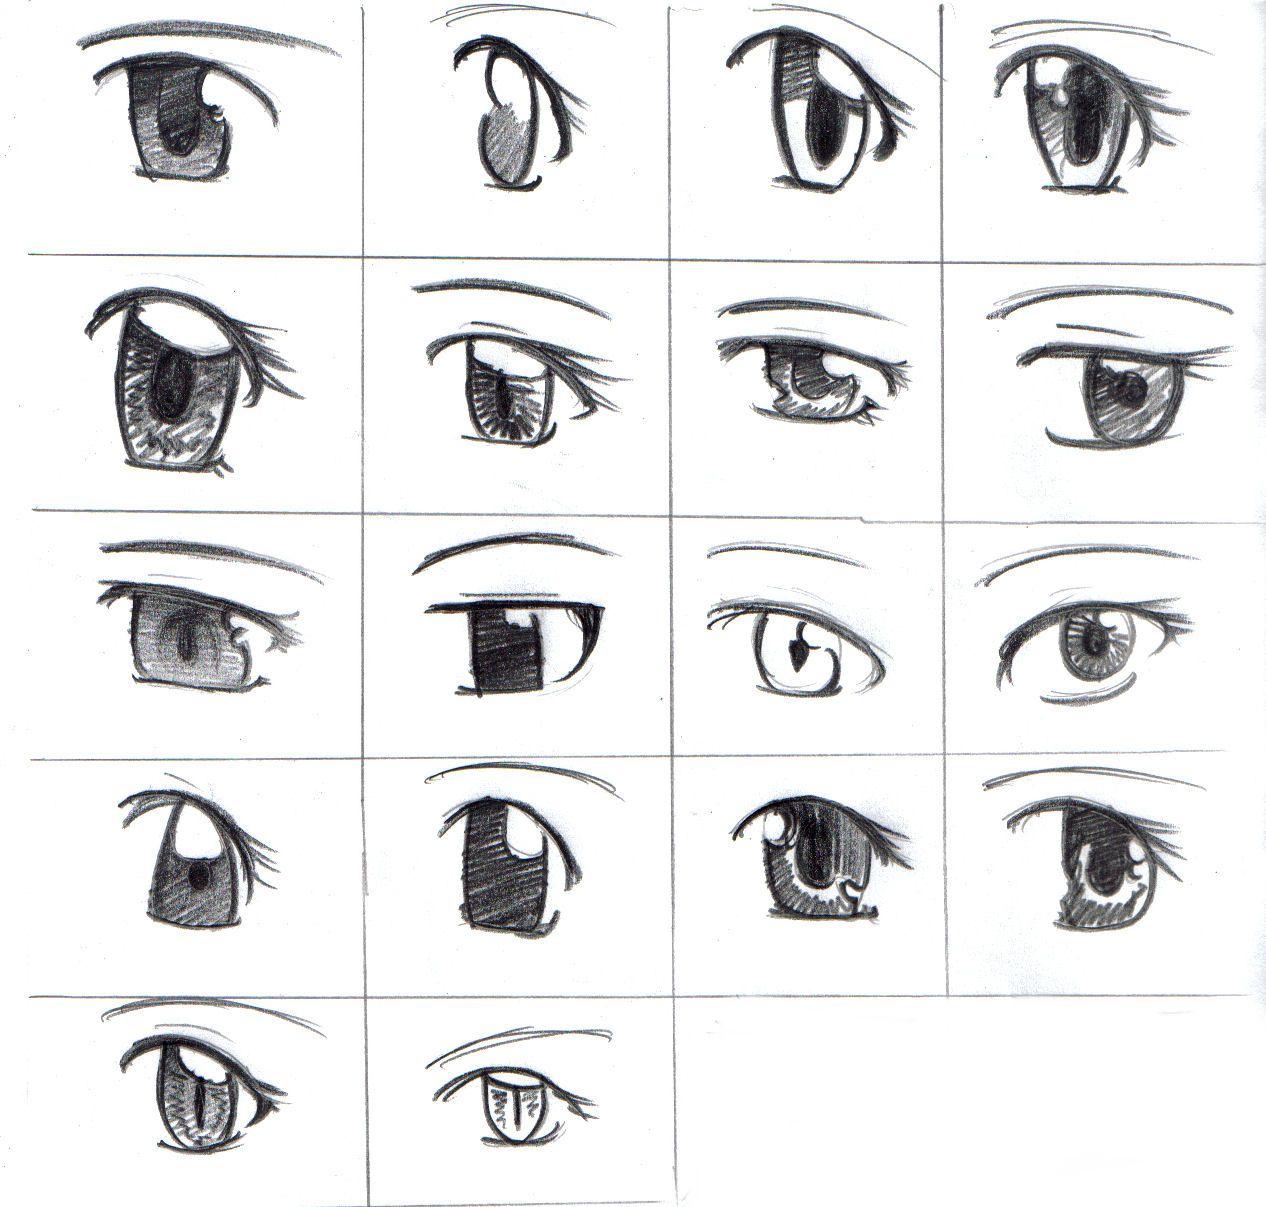 eyes1.jpg 1,266×1,207 pixels awesome drawings